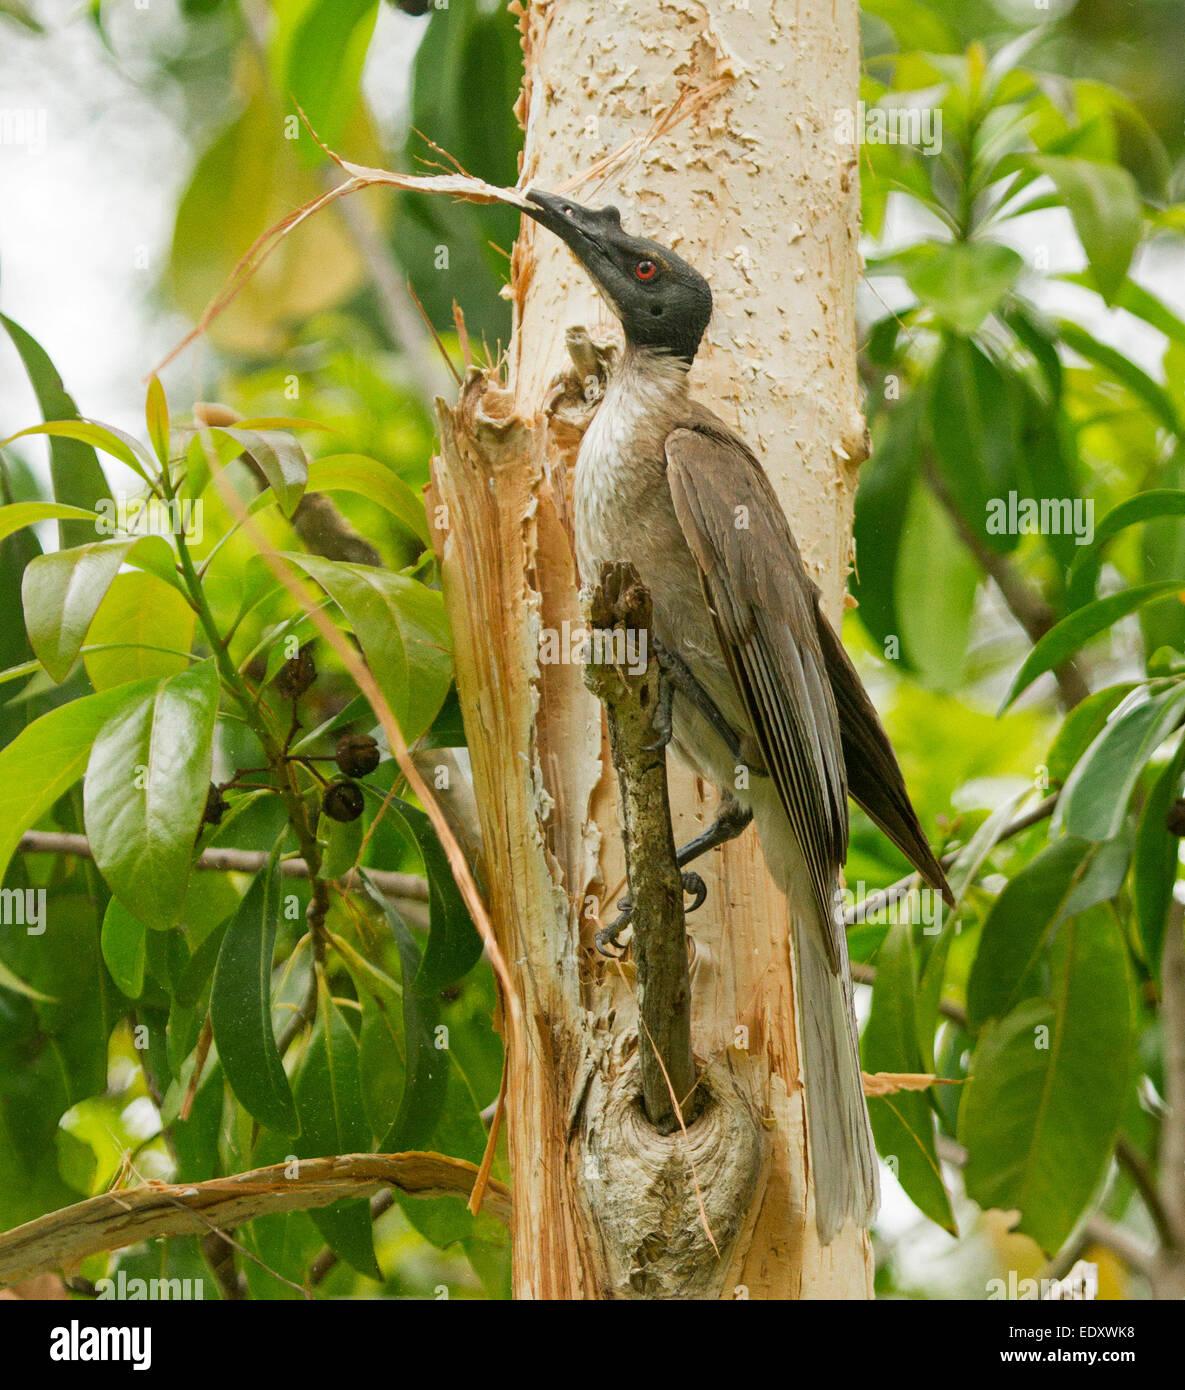 Frère bruyant australienne oiseau, Philemon corniculatus, avec le matériel du nid, une bande d'écorce Photo Stock